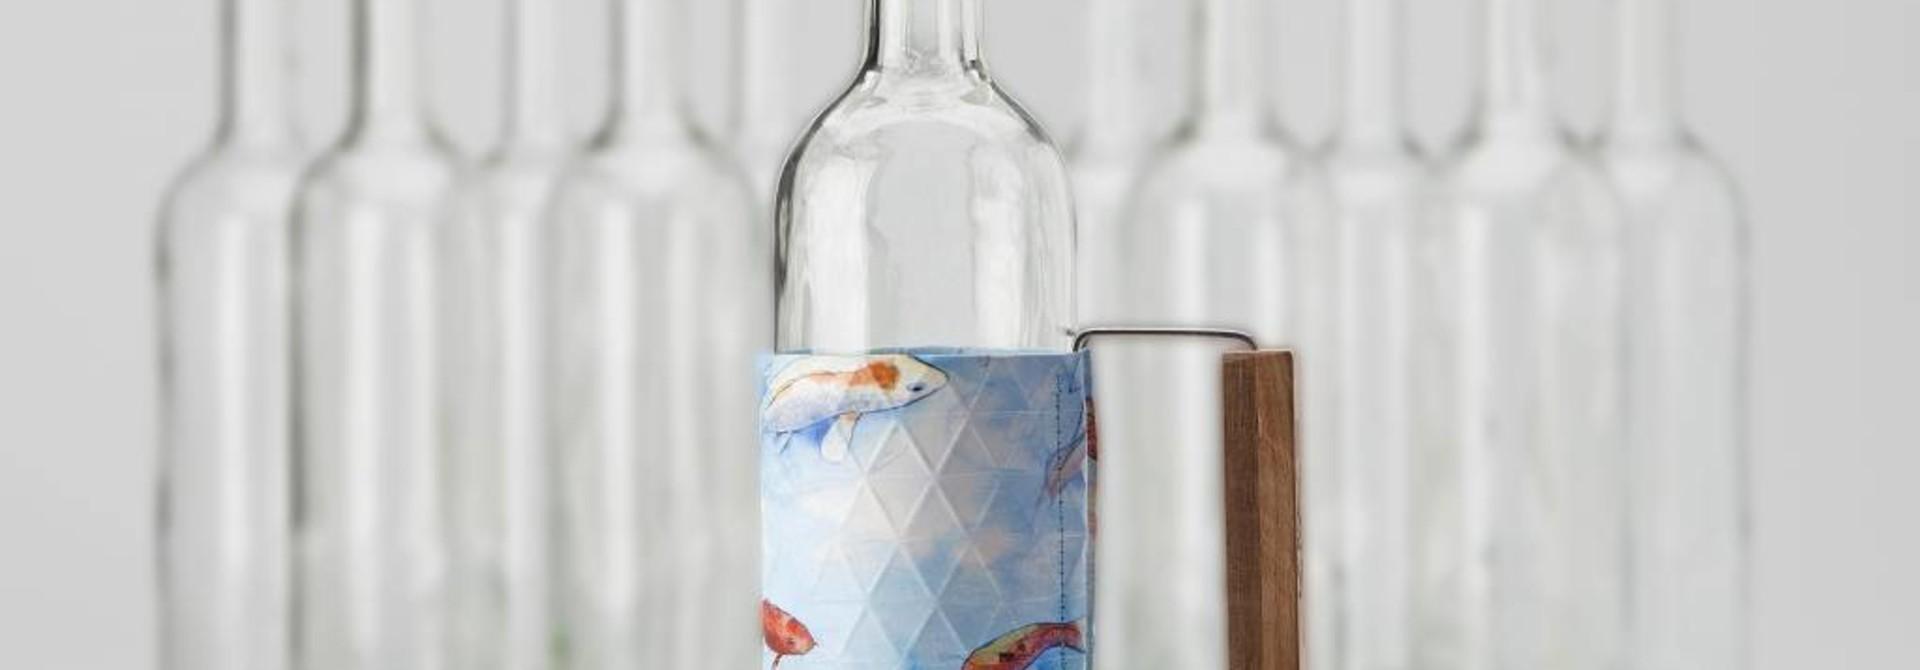 Bottle Grip Blue Fish